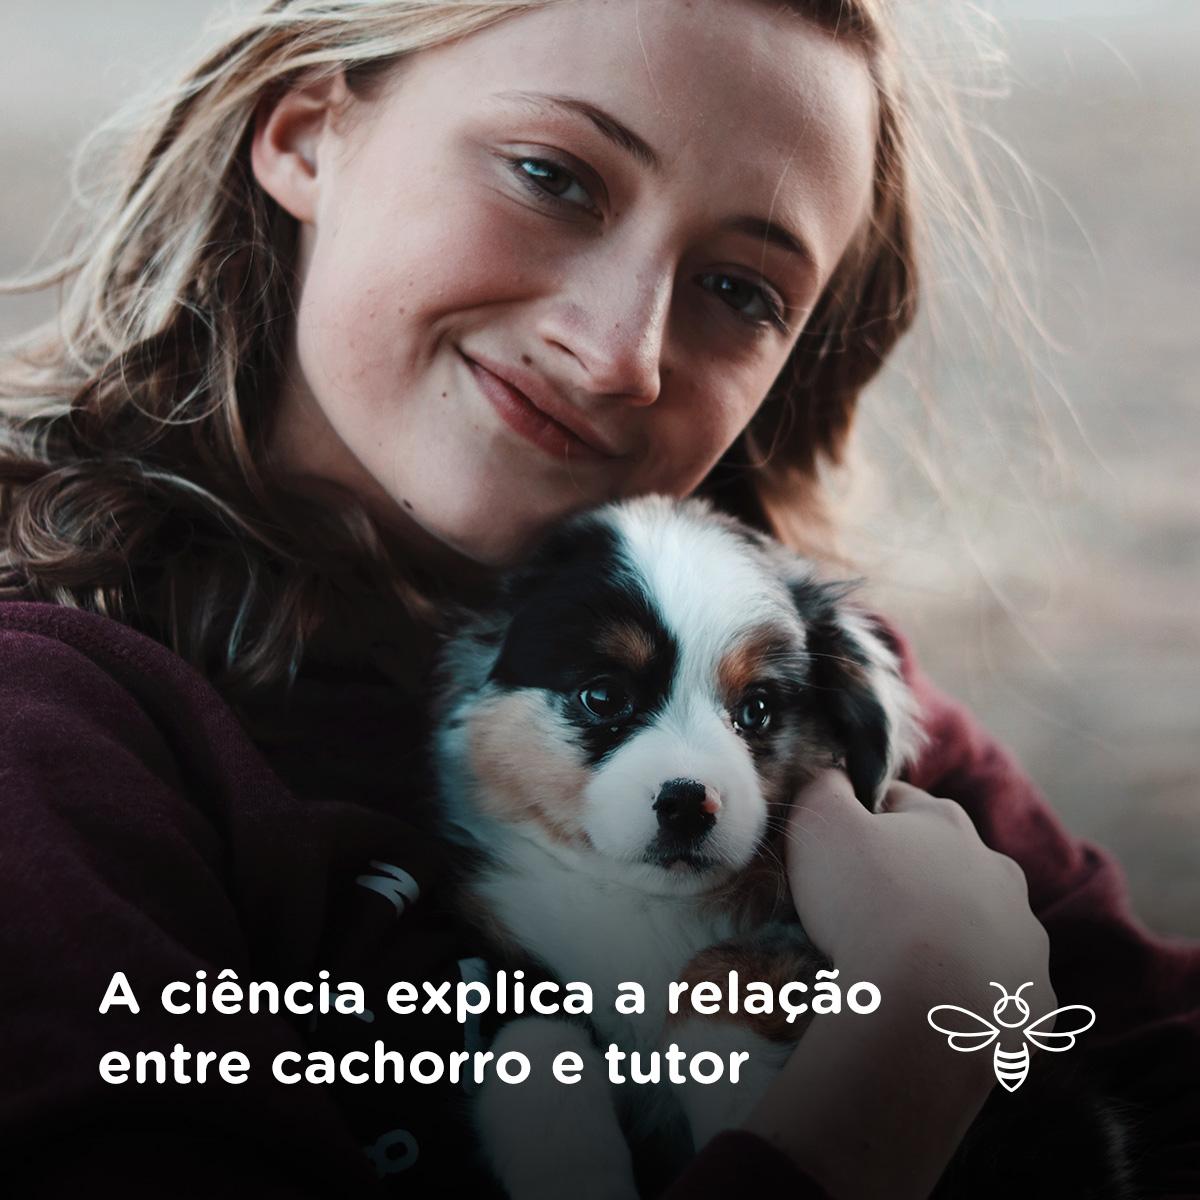 A ciência explica a relação entre cachorro e tutor